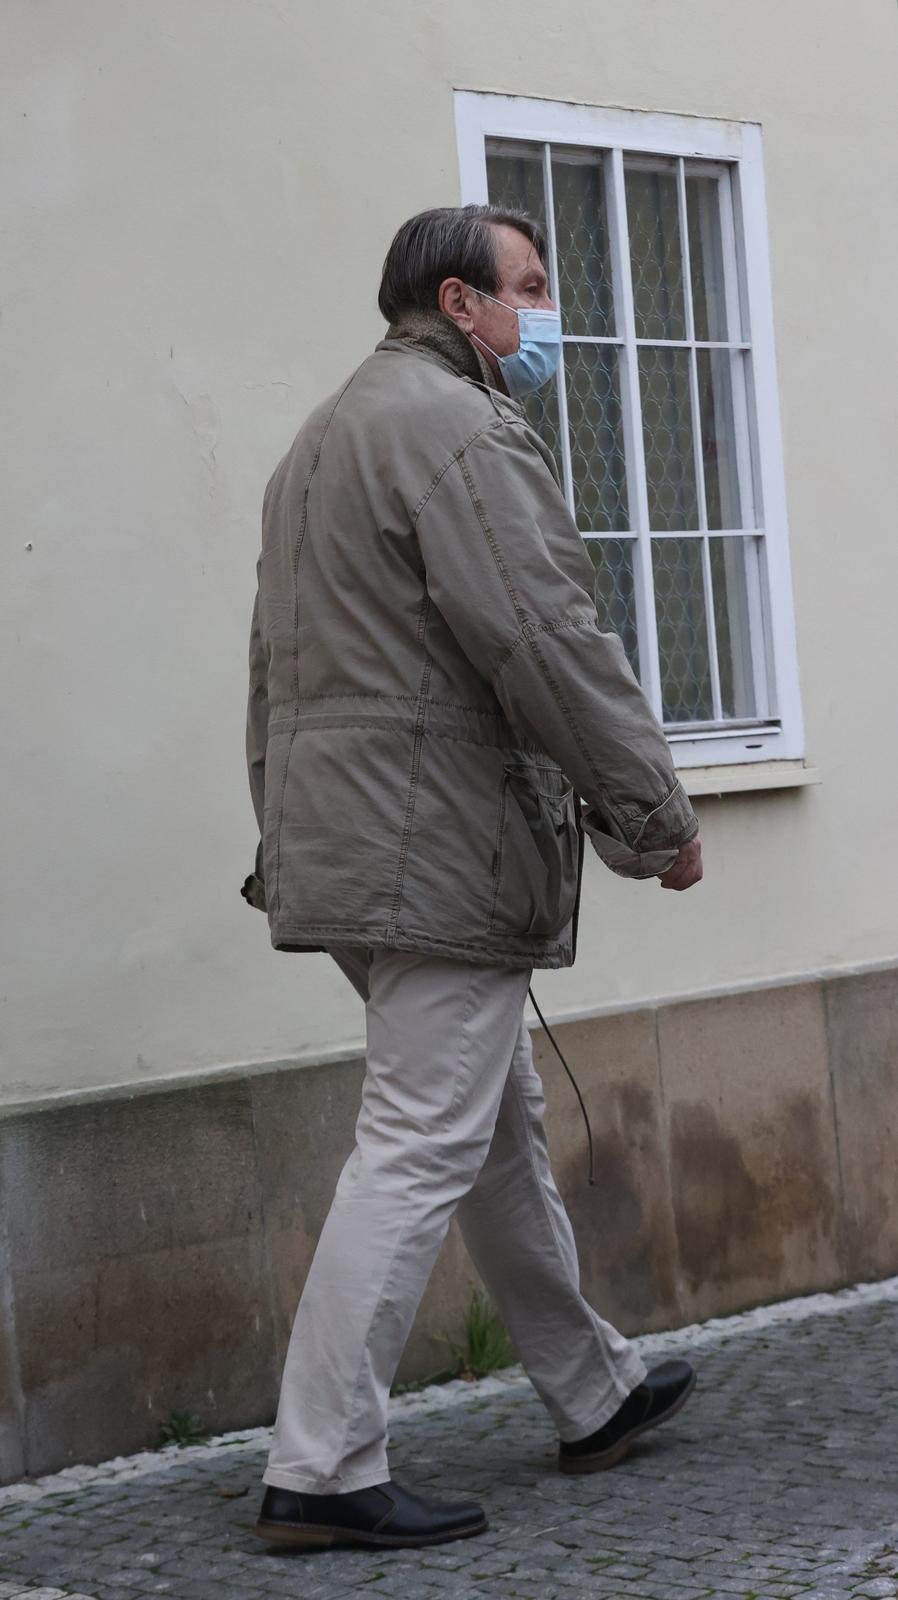 12. 11. 2020, 14:10 hod., Praha: Poslední fotky Ladislava Štaidla